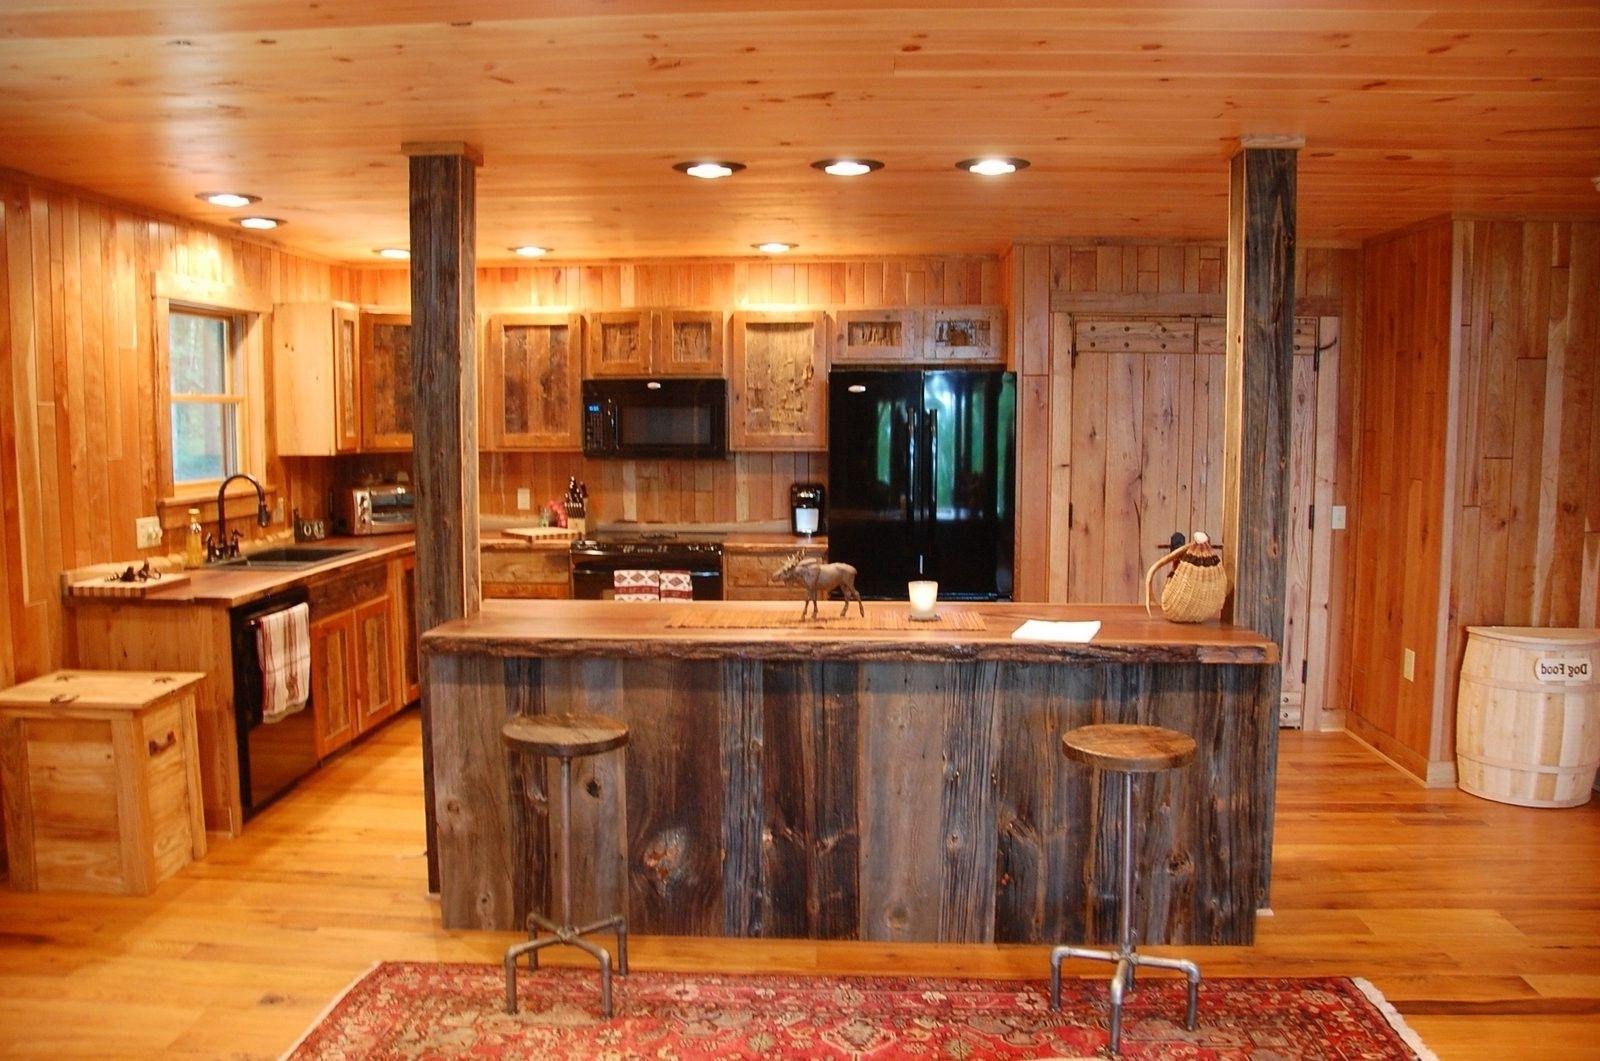 Küche rustikal einrichten gemütlich landhausstil holzhaus kittchen ...